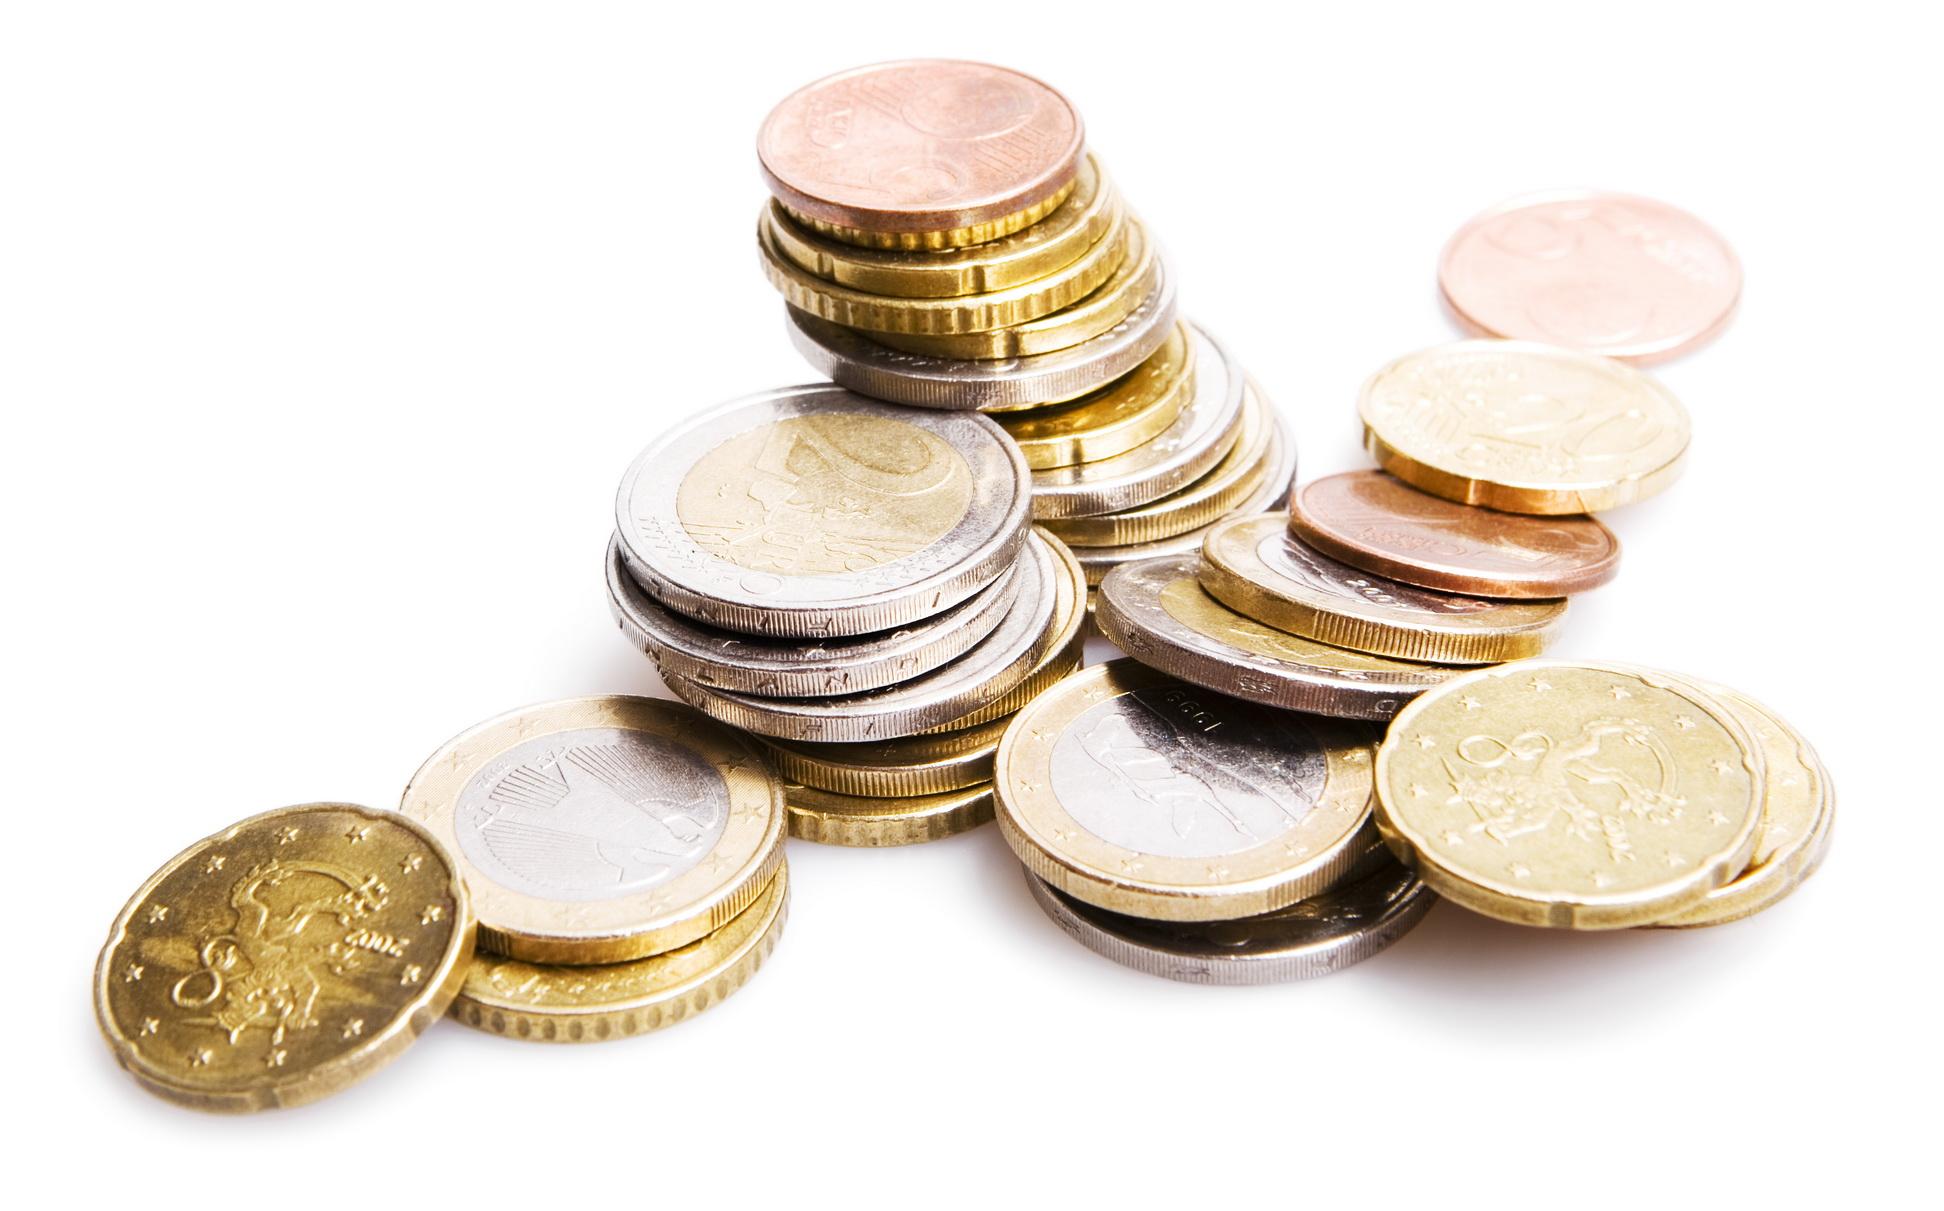 Euros depósitos